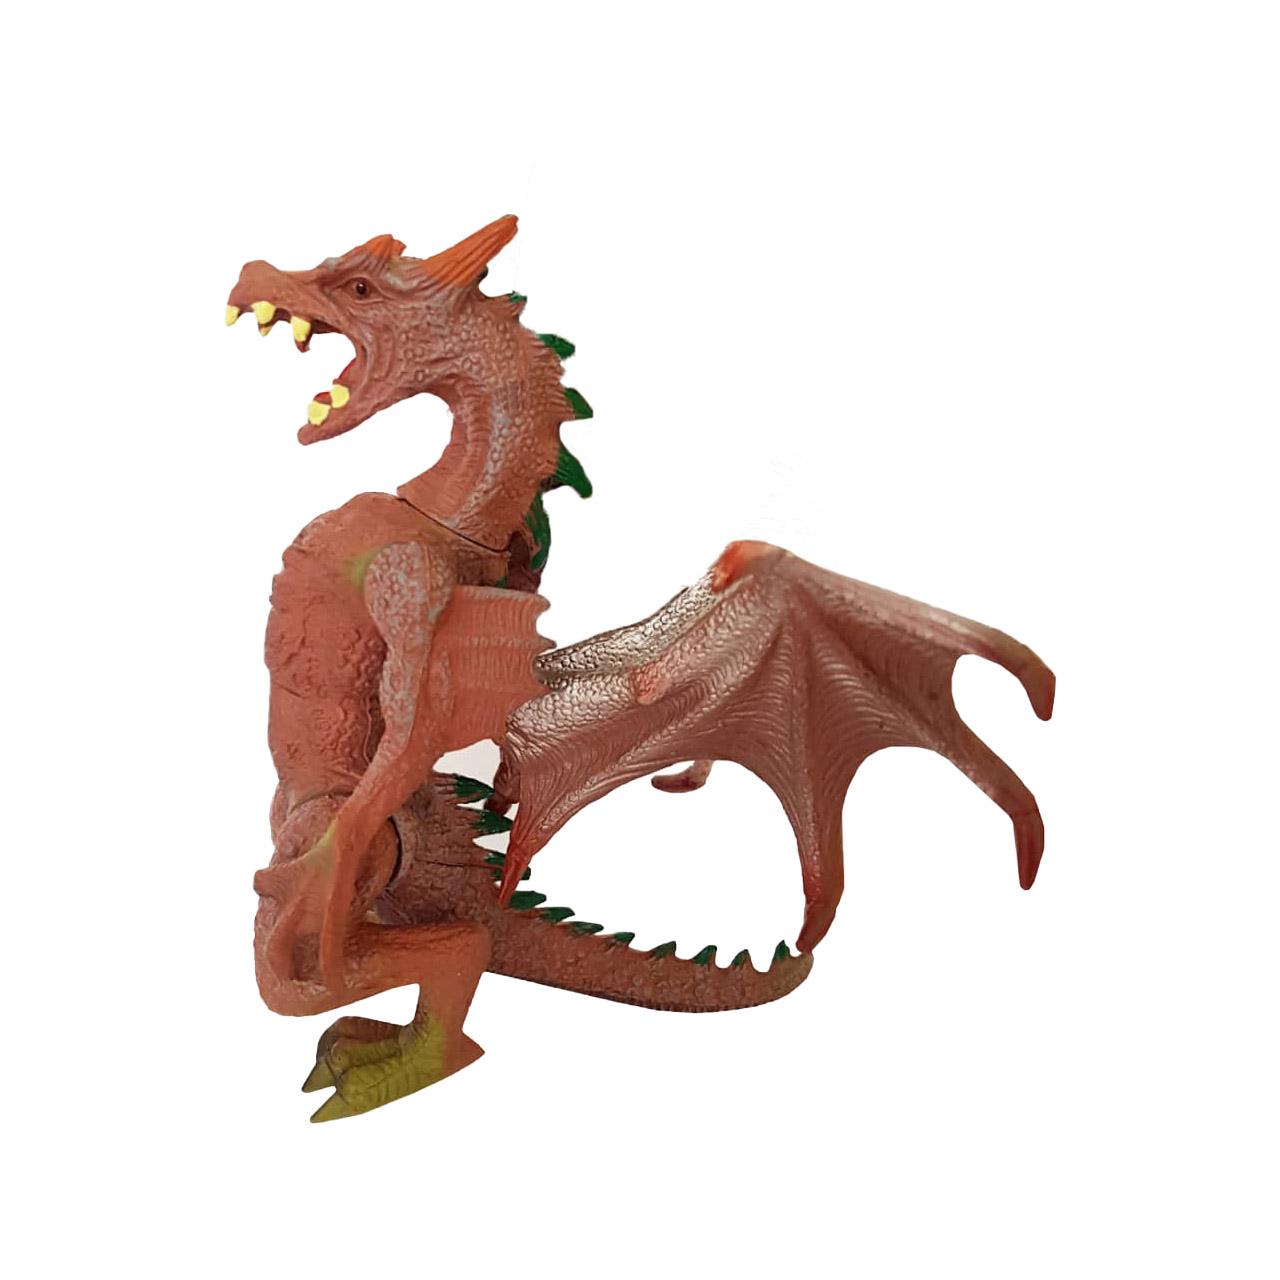 اکشن فیگورطرح اژدها مدل 3